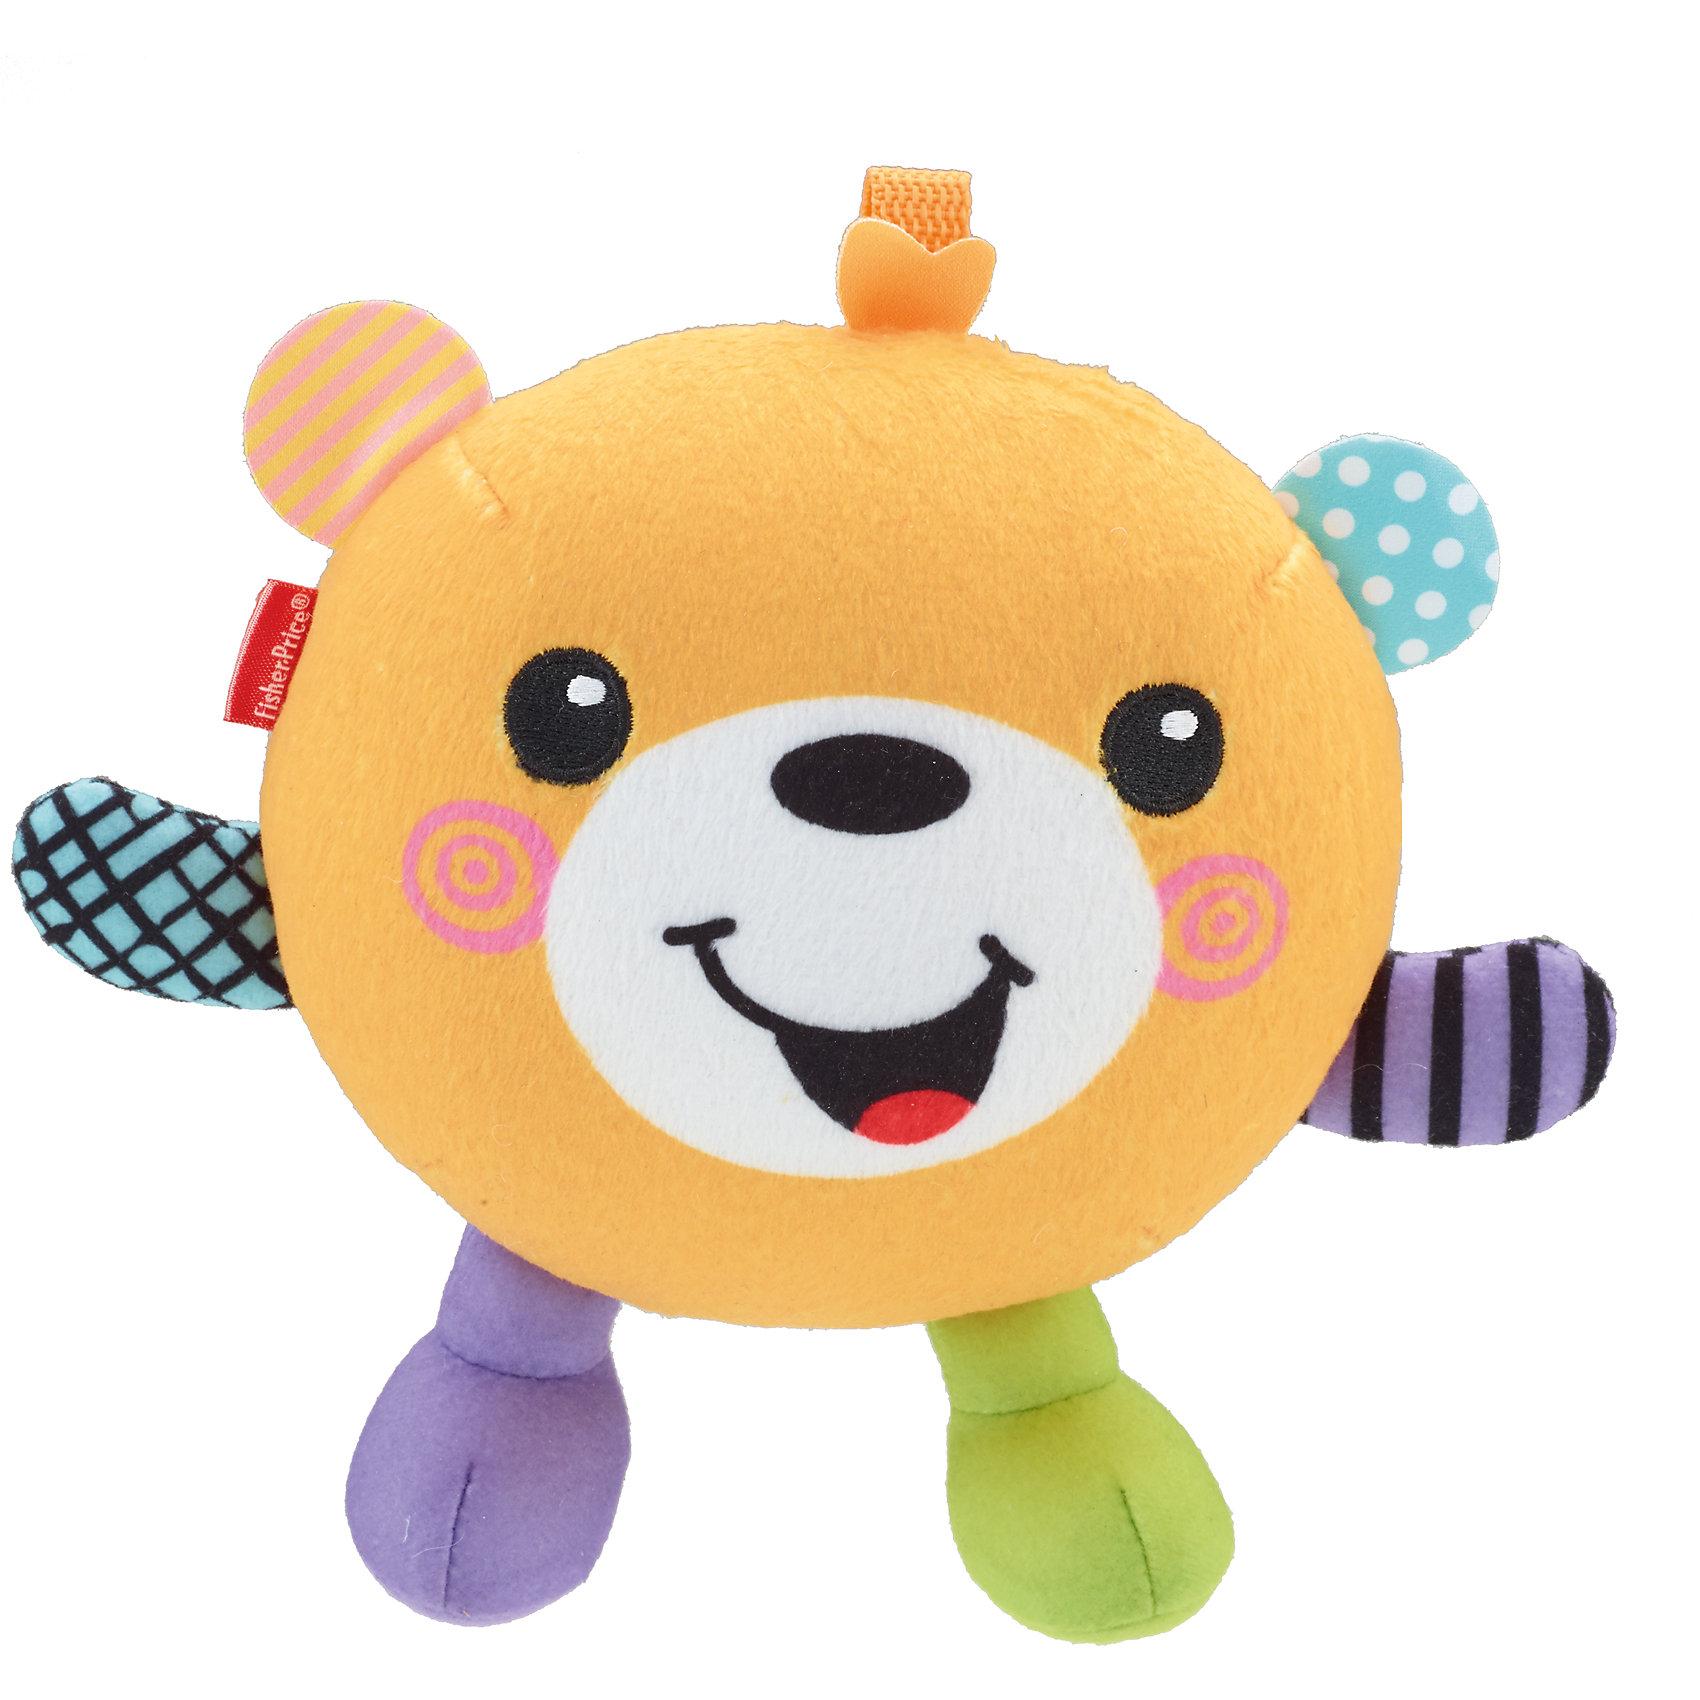 Игрушки Веселые друзья, со звуком, Fisher-PriceОчаровательные зверята обязательно понравятся малышам! Милый медвежонок развеселит кроху своим заразительным смехом и подарим множество улыбок и отличное настроение. Игрушка выполнена из экологичных материалов различной фактуры, что помогает развить  моторику рук и тактильное восприятие. <br><br>Дополнительная информация:<br><br>- Материал: текстиль, пластик. <br>- Размер: 20х16 см. <br>- Звуковые эффекты: смех. <br>- В производстве игрушки использованы безопасные для детей материалы. <br>- Элемент питания: 2 ААА батарейки (в комплекте). <br><br>Игрушку Веселые друзья, со звуком, Fisher-Price (Фишер Прайс), можно купить в нашем магазине.<br><br>Ширина мм: 165<br>Глубина мм: 100<br>Высота мм: 205<br>Вес г: 288<br>Возраст от месяцев: 24<br>Возраст до месяцев: 60<br>Пол: Унисекс<br>Возраст: Детский<br>SKU: 4557614